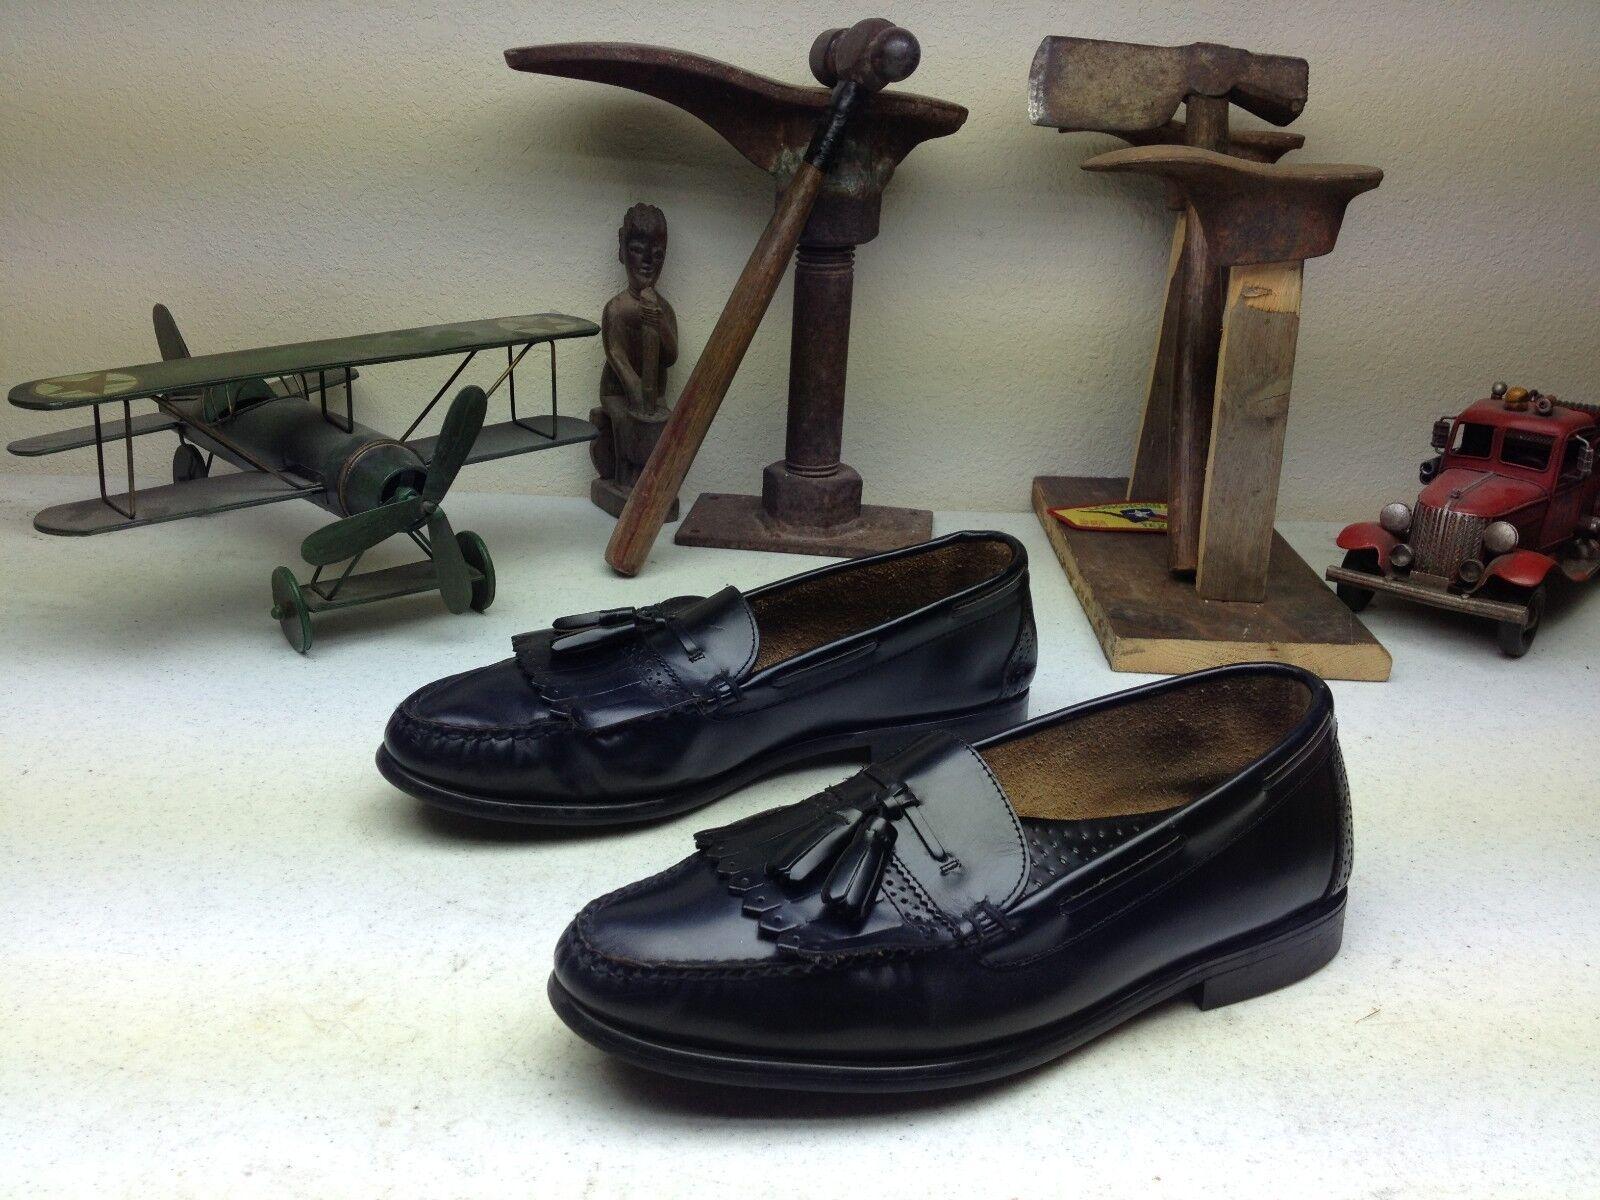 G.H. BASS BROMPTON schwarz LEATHER SLIP ON ON ON KILTIE TASSLE BUSINESS schuhe Größe 10.5M b36a46